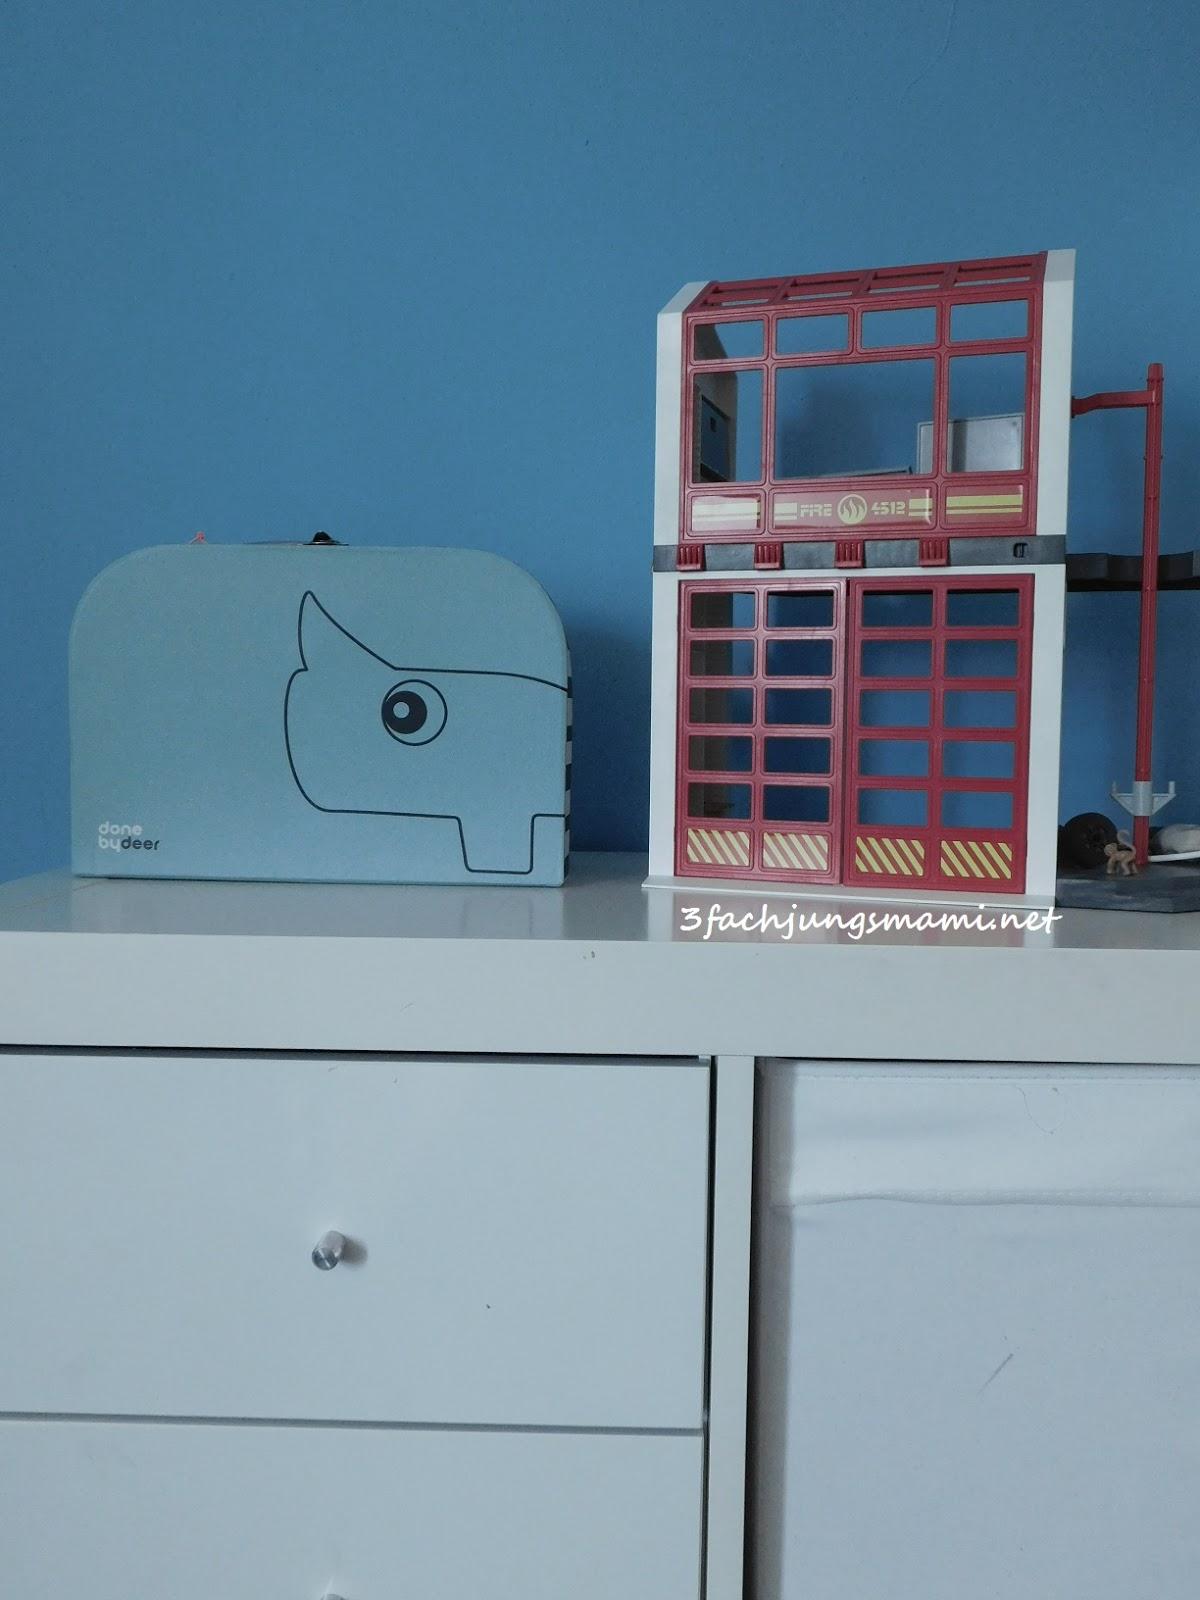 Full Size of Tierische Aufbewahrung Frs Kinderzimmer Rabattcode Regal Weiß Aufbewahrungsbehälter Küche Betten Mit Aufbewahrungsbox Garten Regale Aufbewahrungssystem Bett Kinderzimmer Kinderzimmer Aufbewahrung